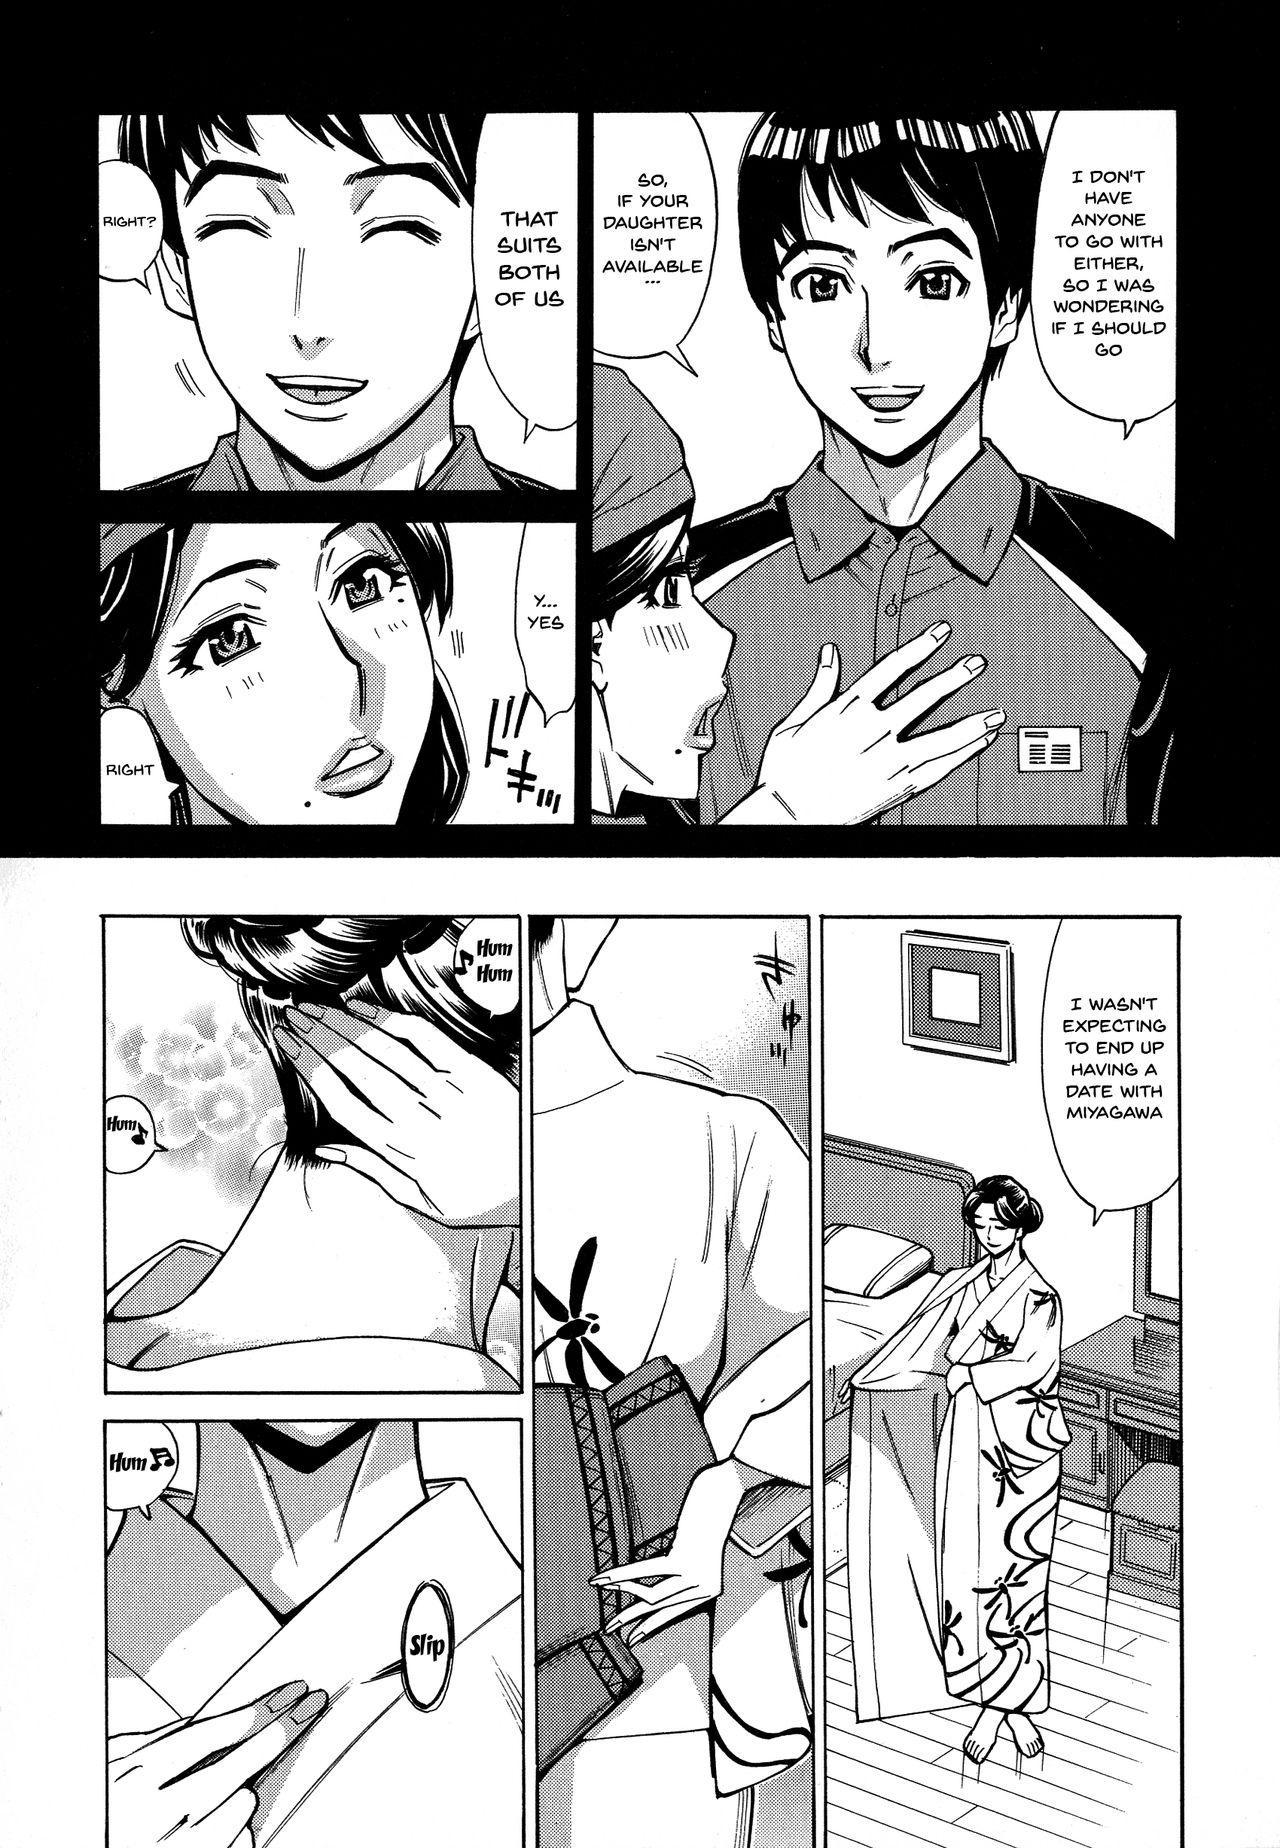 [Makibe Kataru] Hitozuma Koi Hanabi ~Hajimete no Furin ga 3P ni Itaru made~ Ch.1-9 [English] {Doujins.com} 8